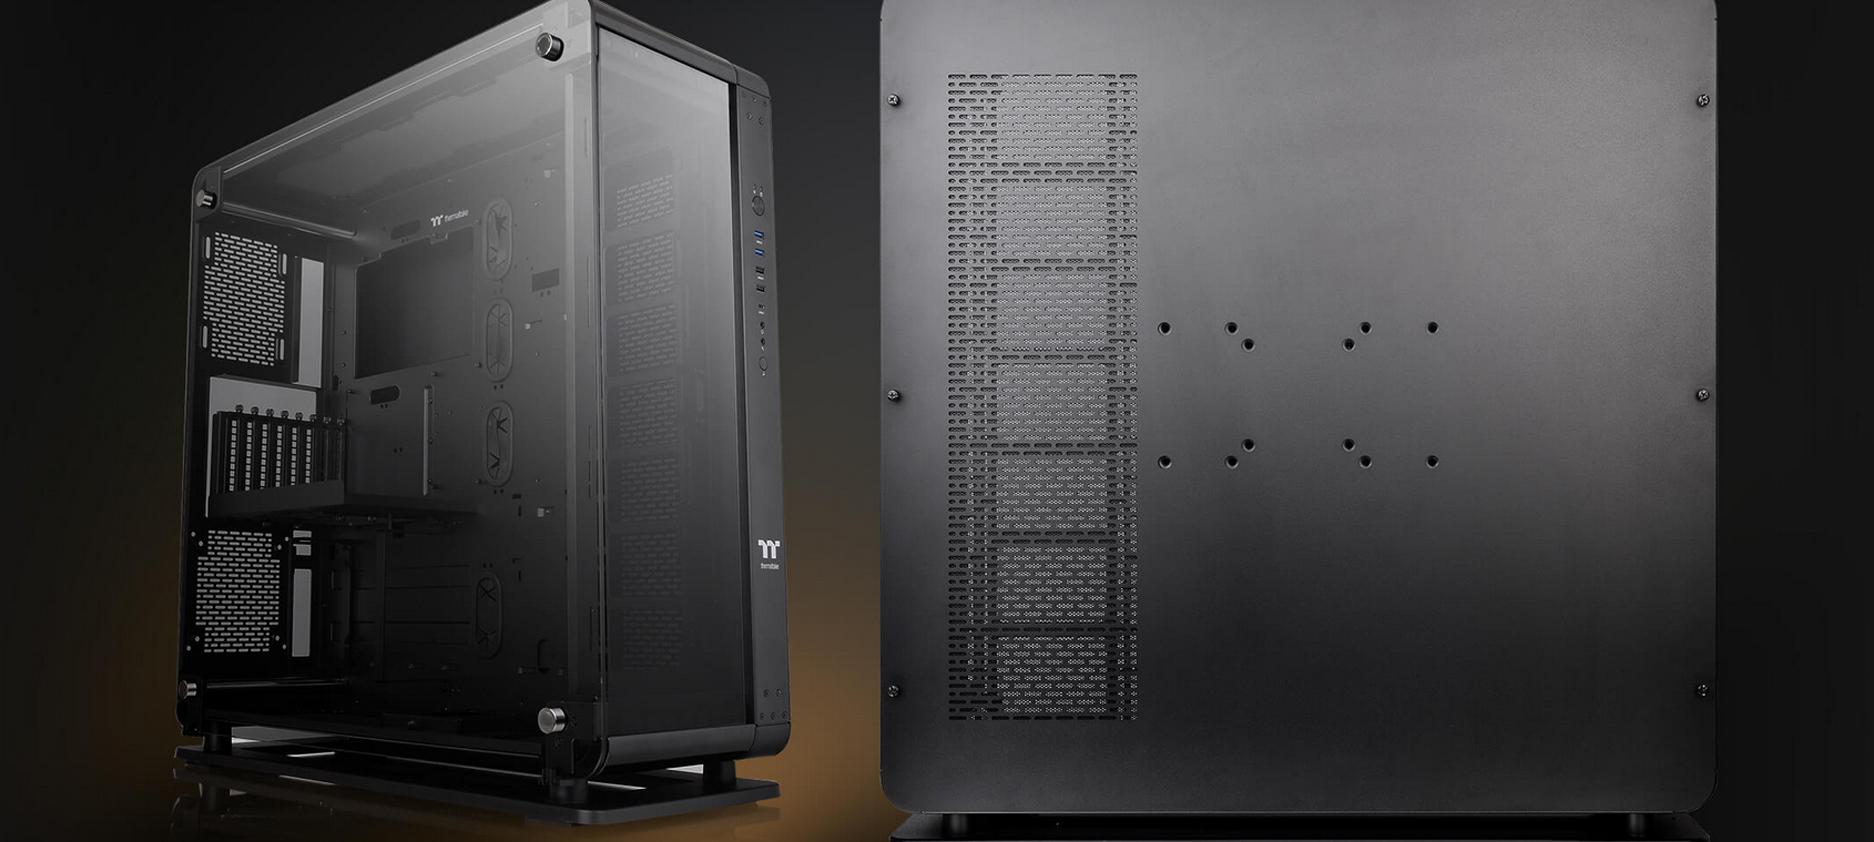 Case Thermaltake Core P8 Tempered Glass Full Tower Chassis (Full Tower / Màu Đen) có khả năng đứng hoặc treo tường tùy ý thích chủ nhân.